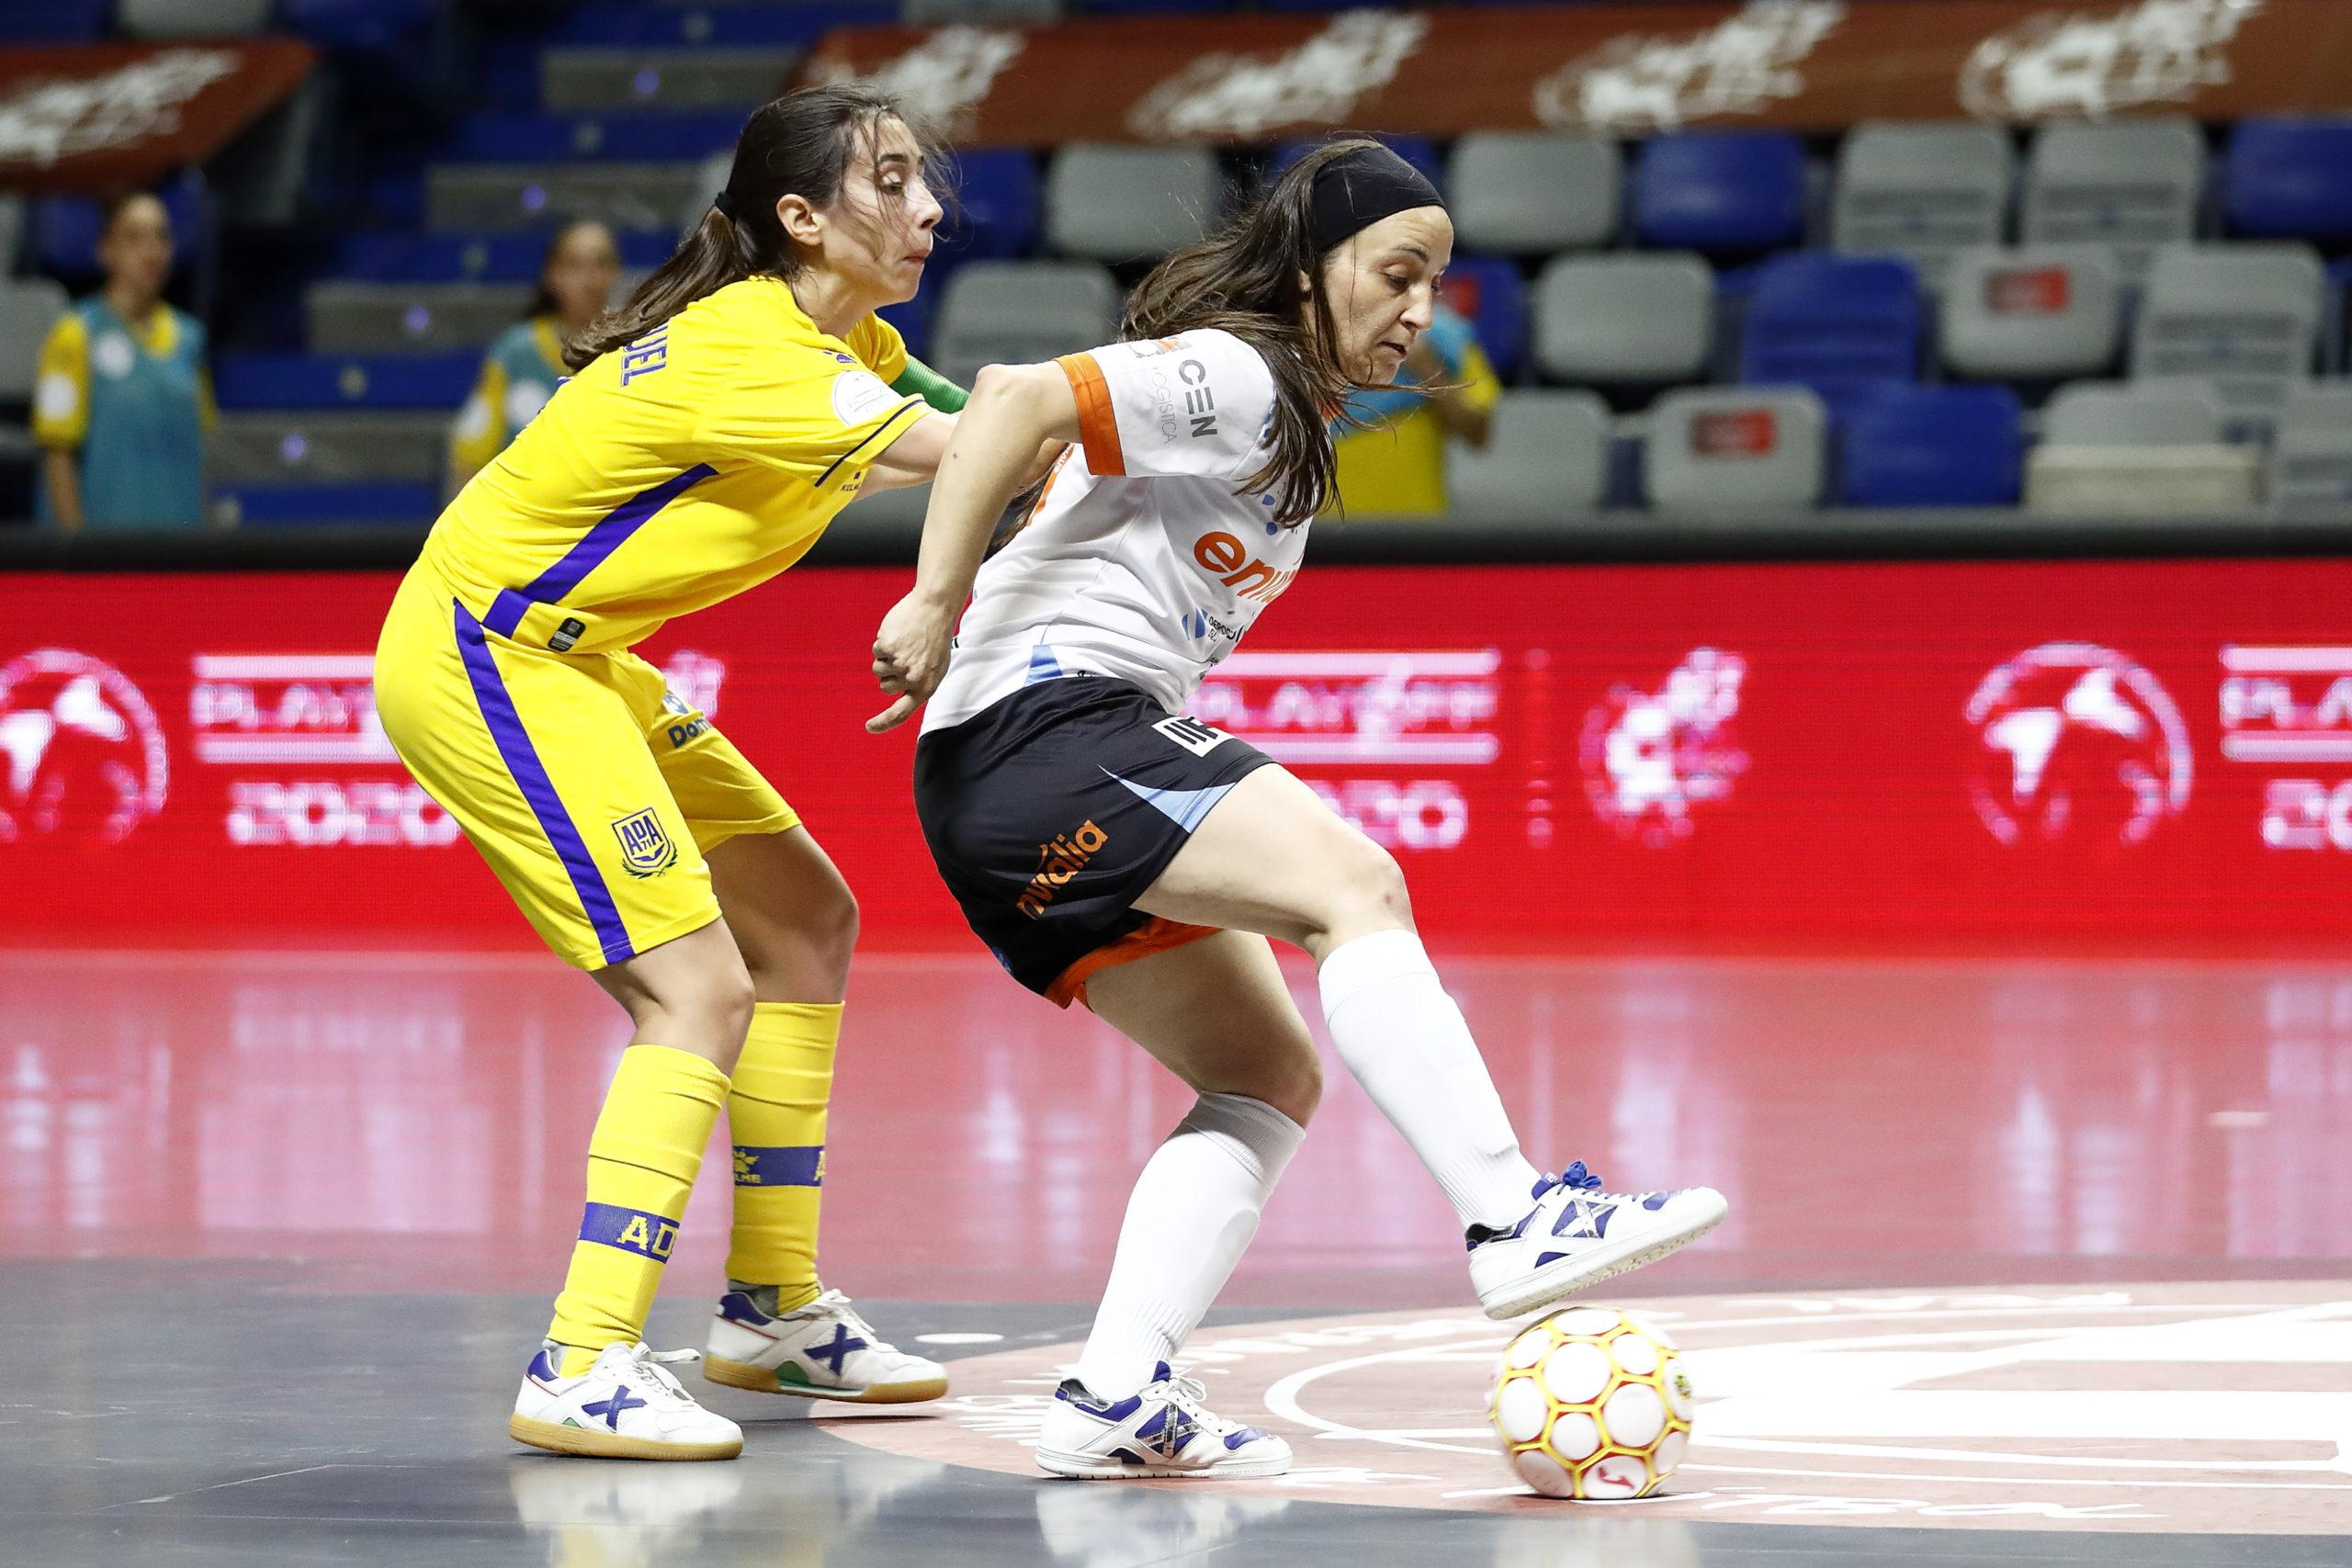 La gran final del fútbol sala femenino contará con la AD Alcorcón (3-3) (6-7)